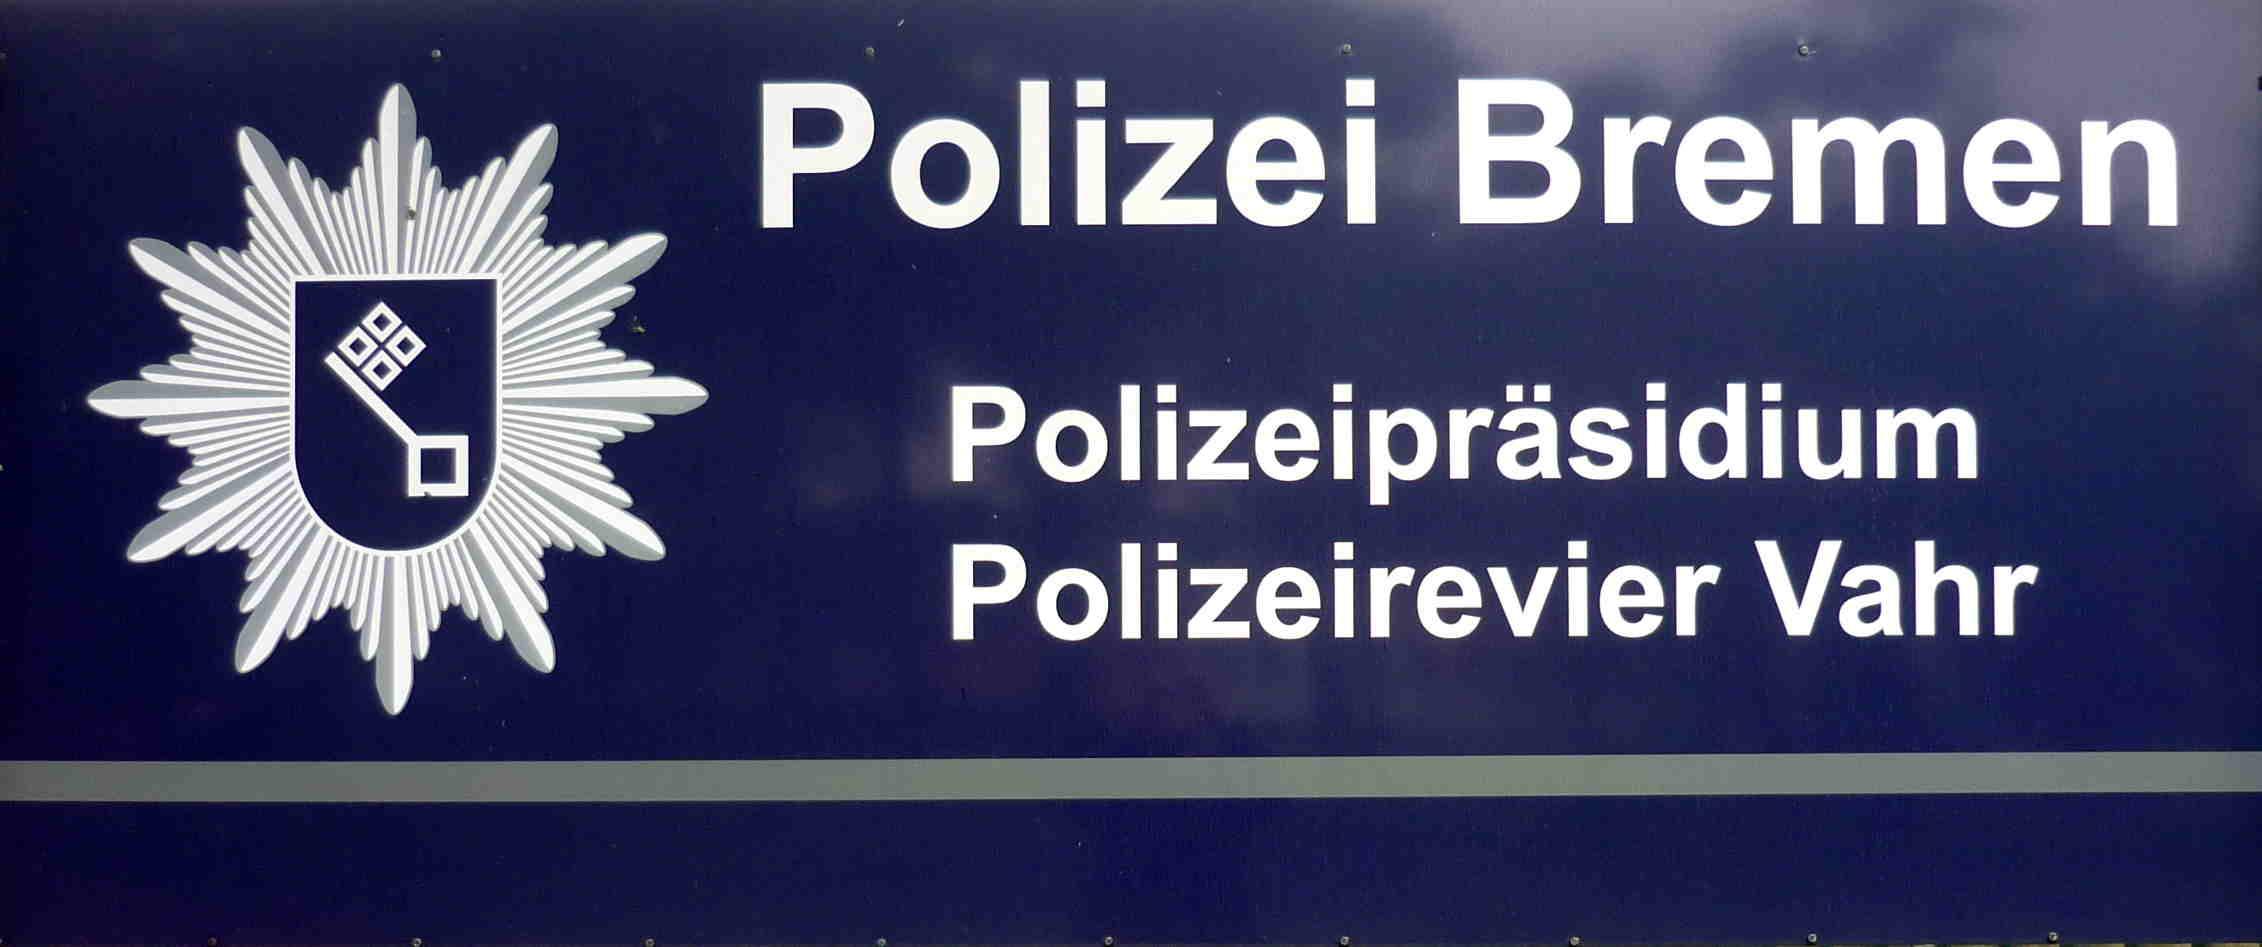 Polizei_Vahr